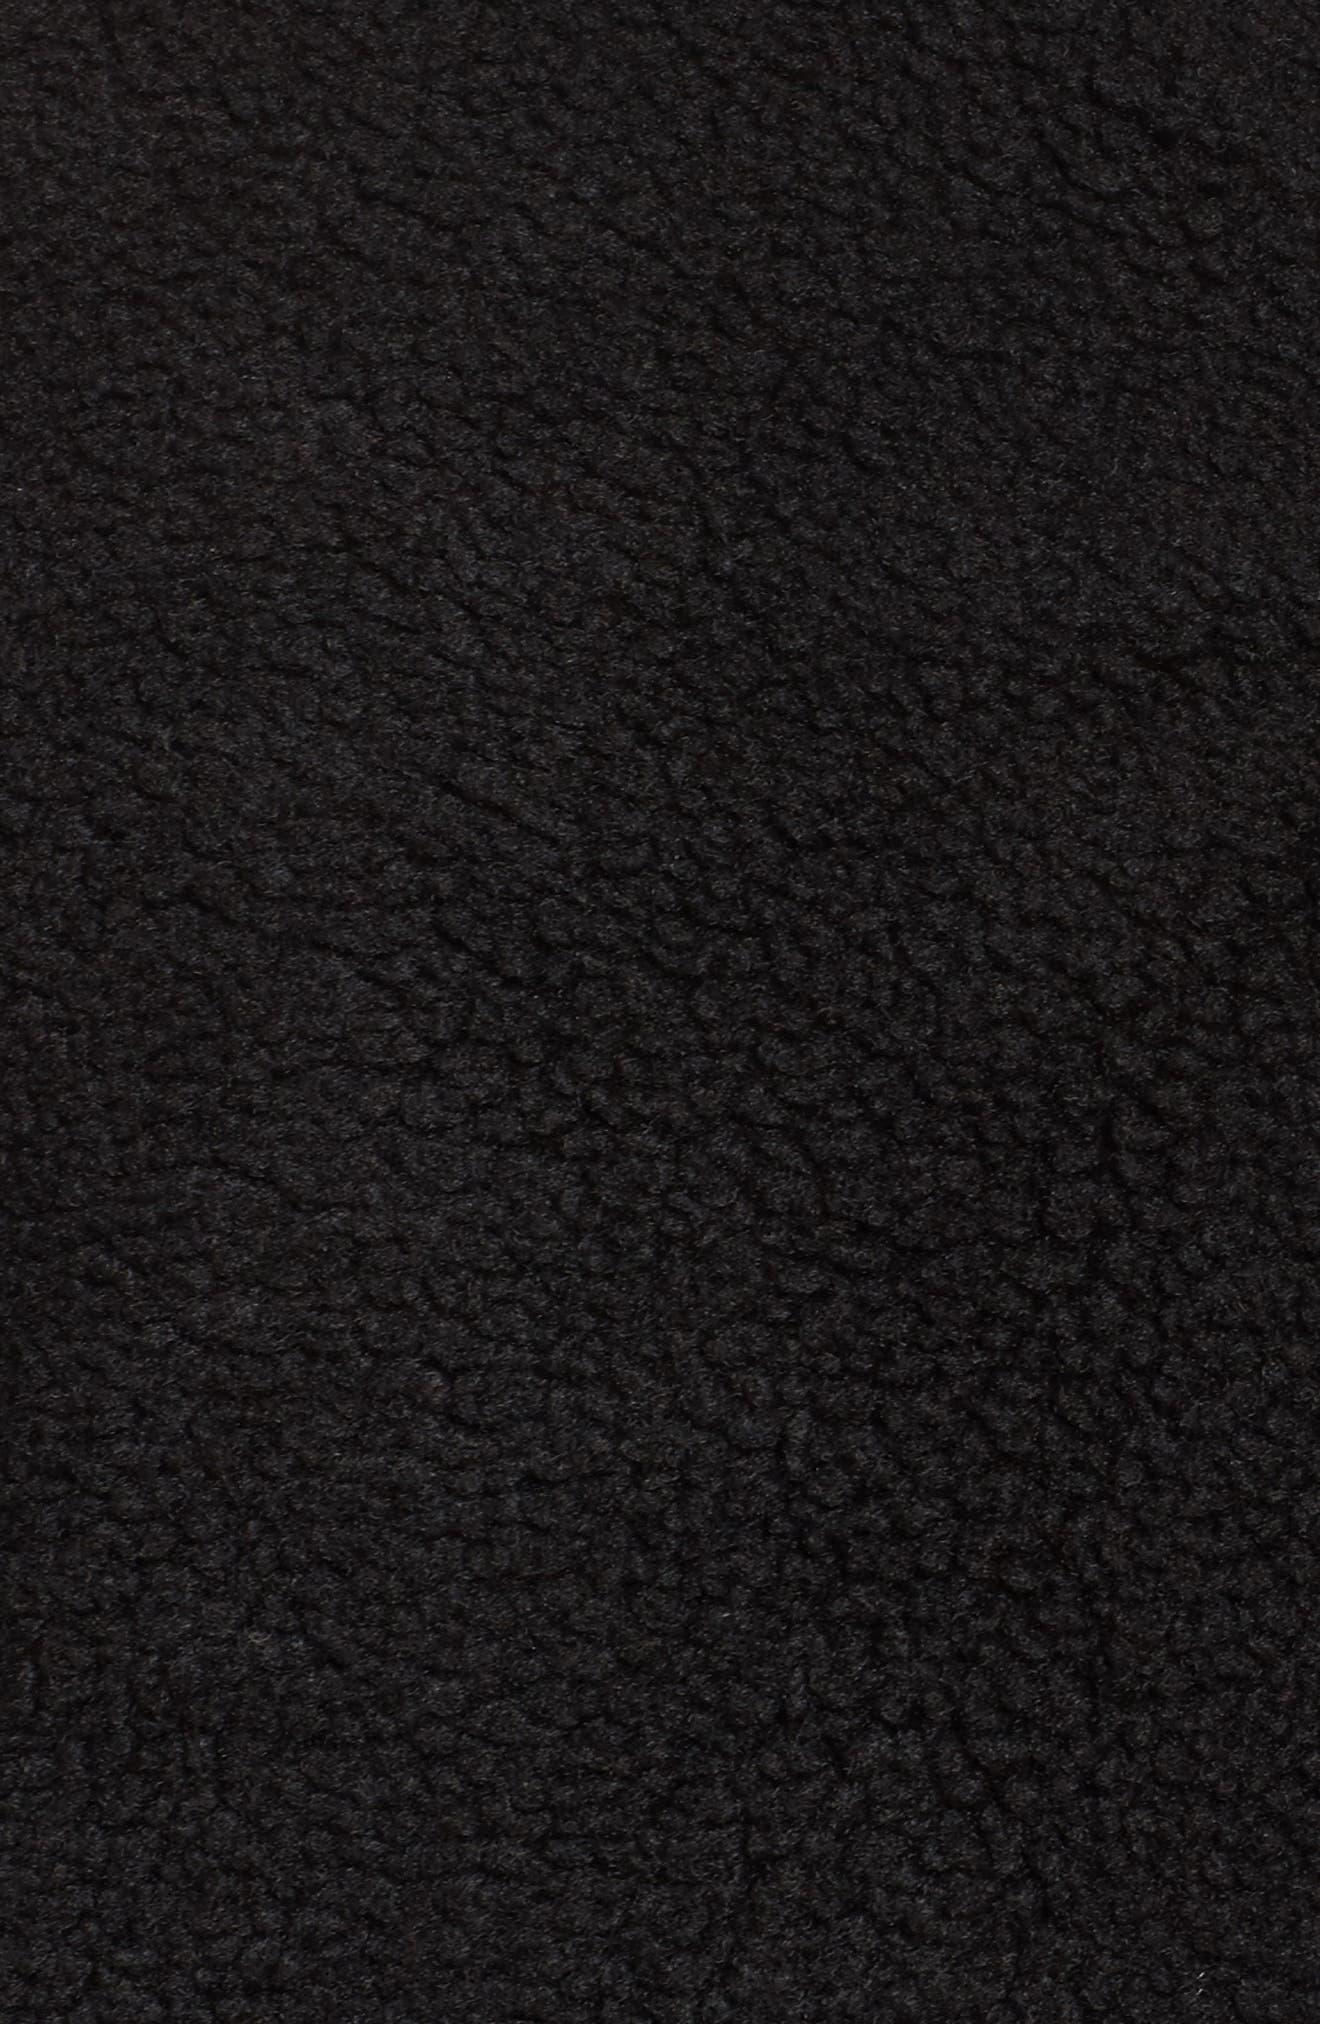 NikeLab Essential Half Zip Fleece Hoodie,                             Alternate thumbnail 6, color,                             Black/ Black